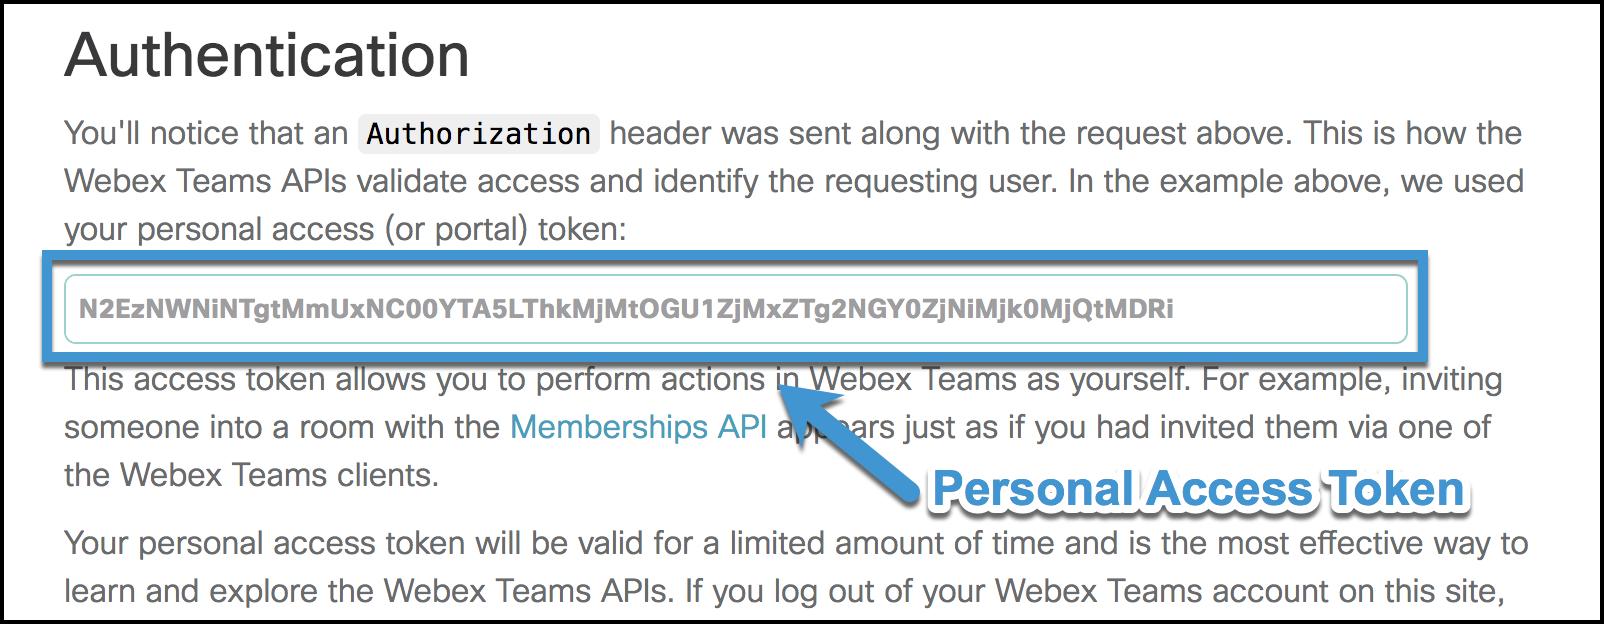 Quickstart — webexteamssdk 1 1 1 post24 dev0+g0a13466 documentation